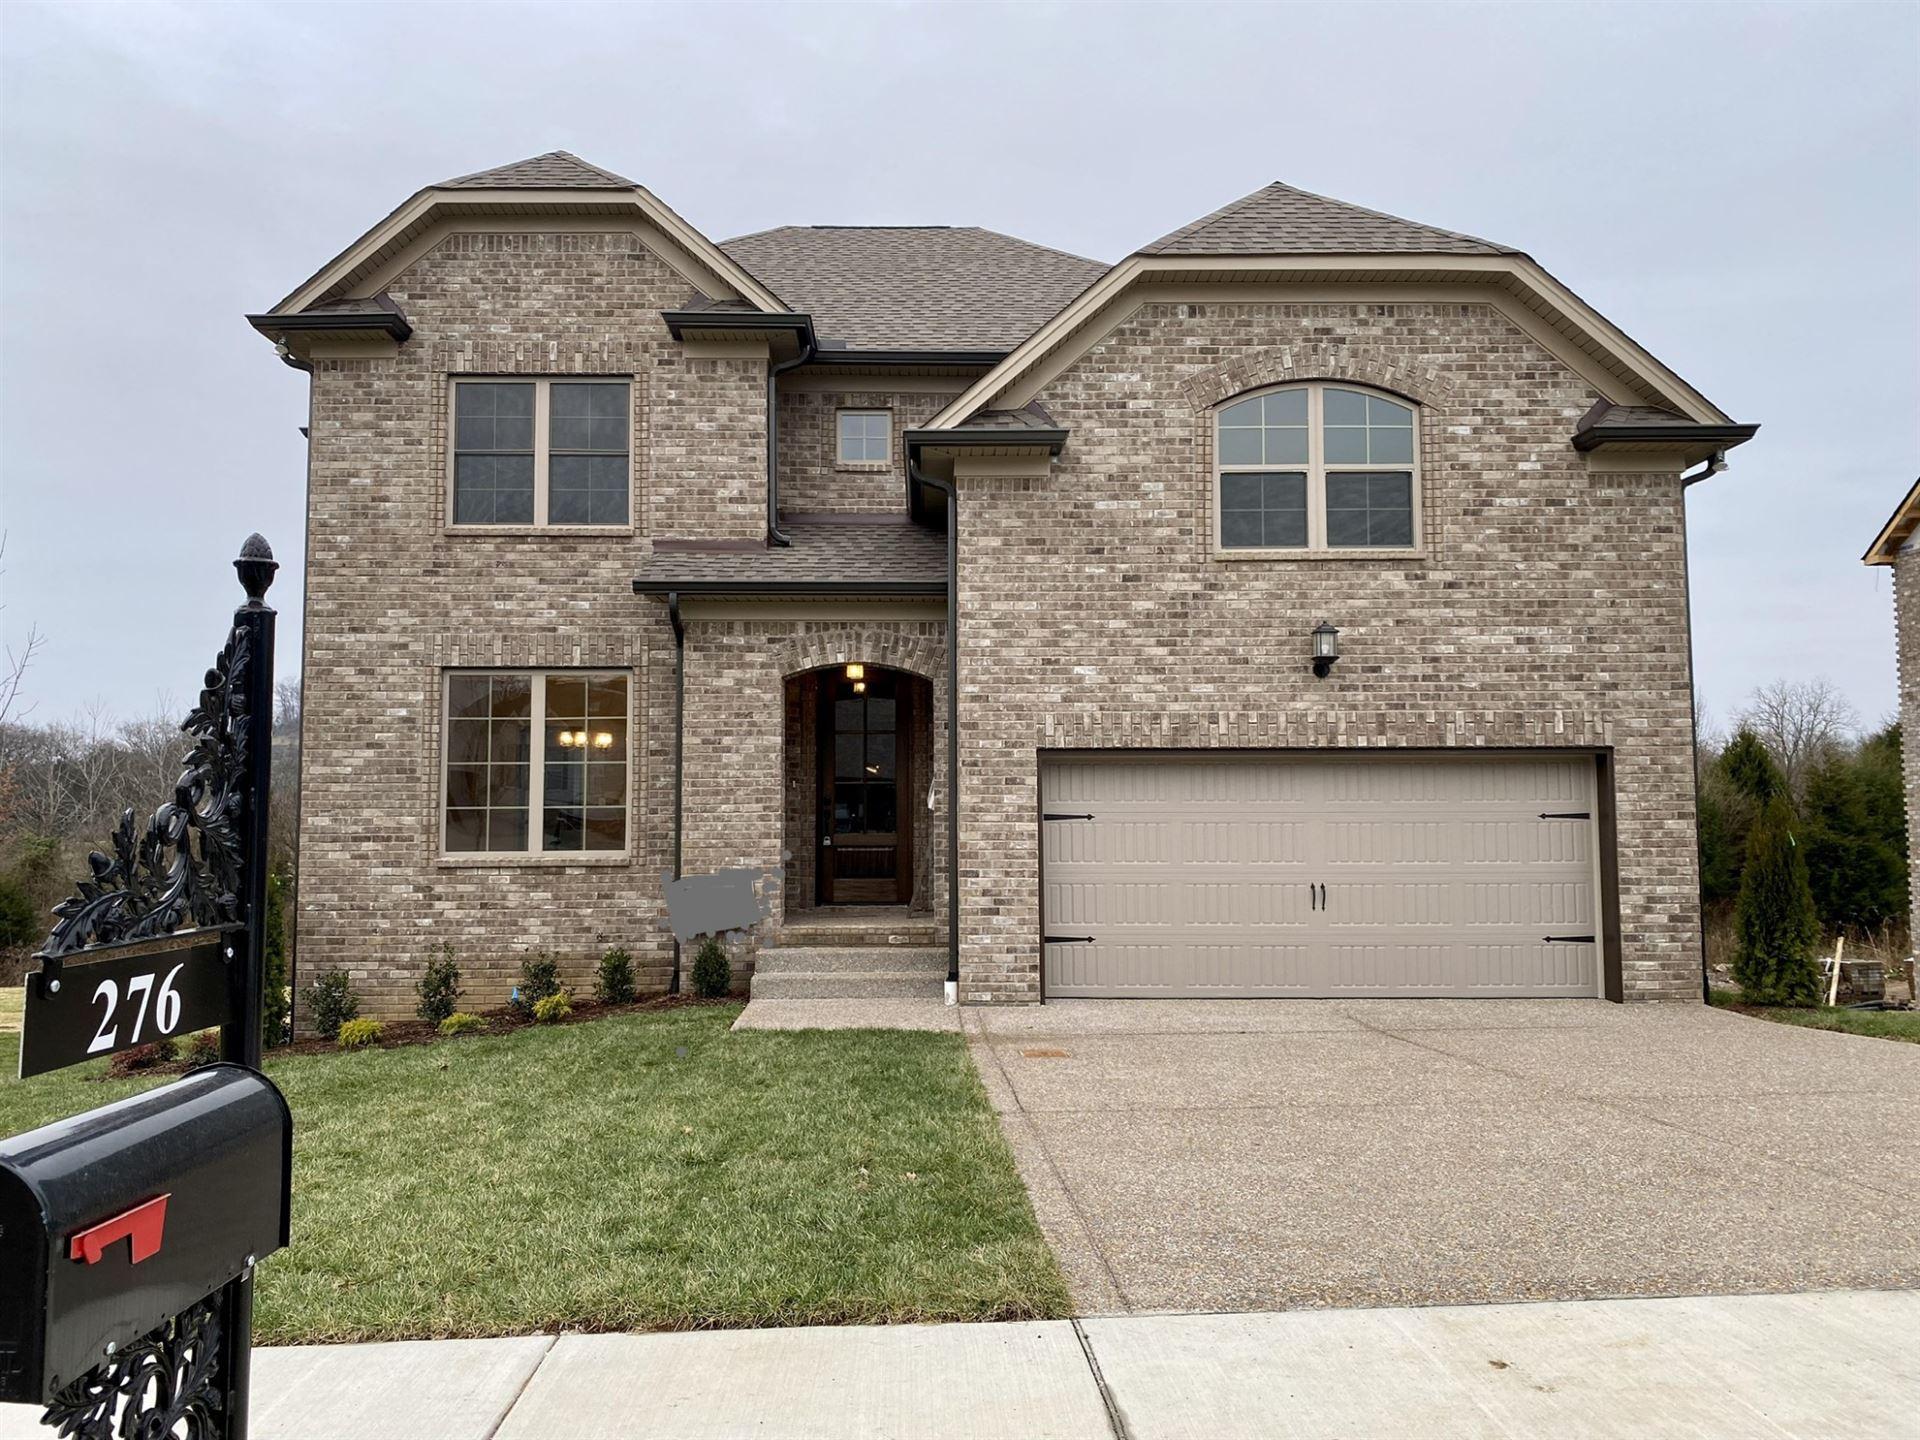 276 Crooked Creek Ln, Hendersonville, TN 37075 - MLS#: 2289111